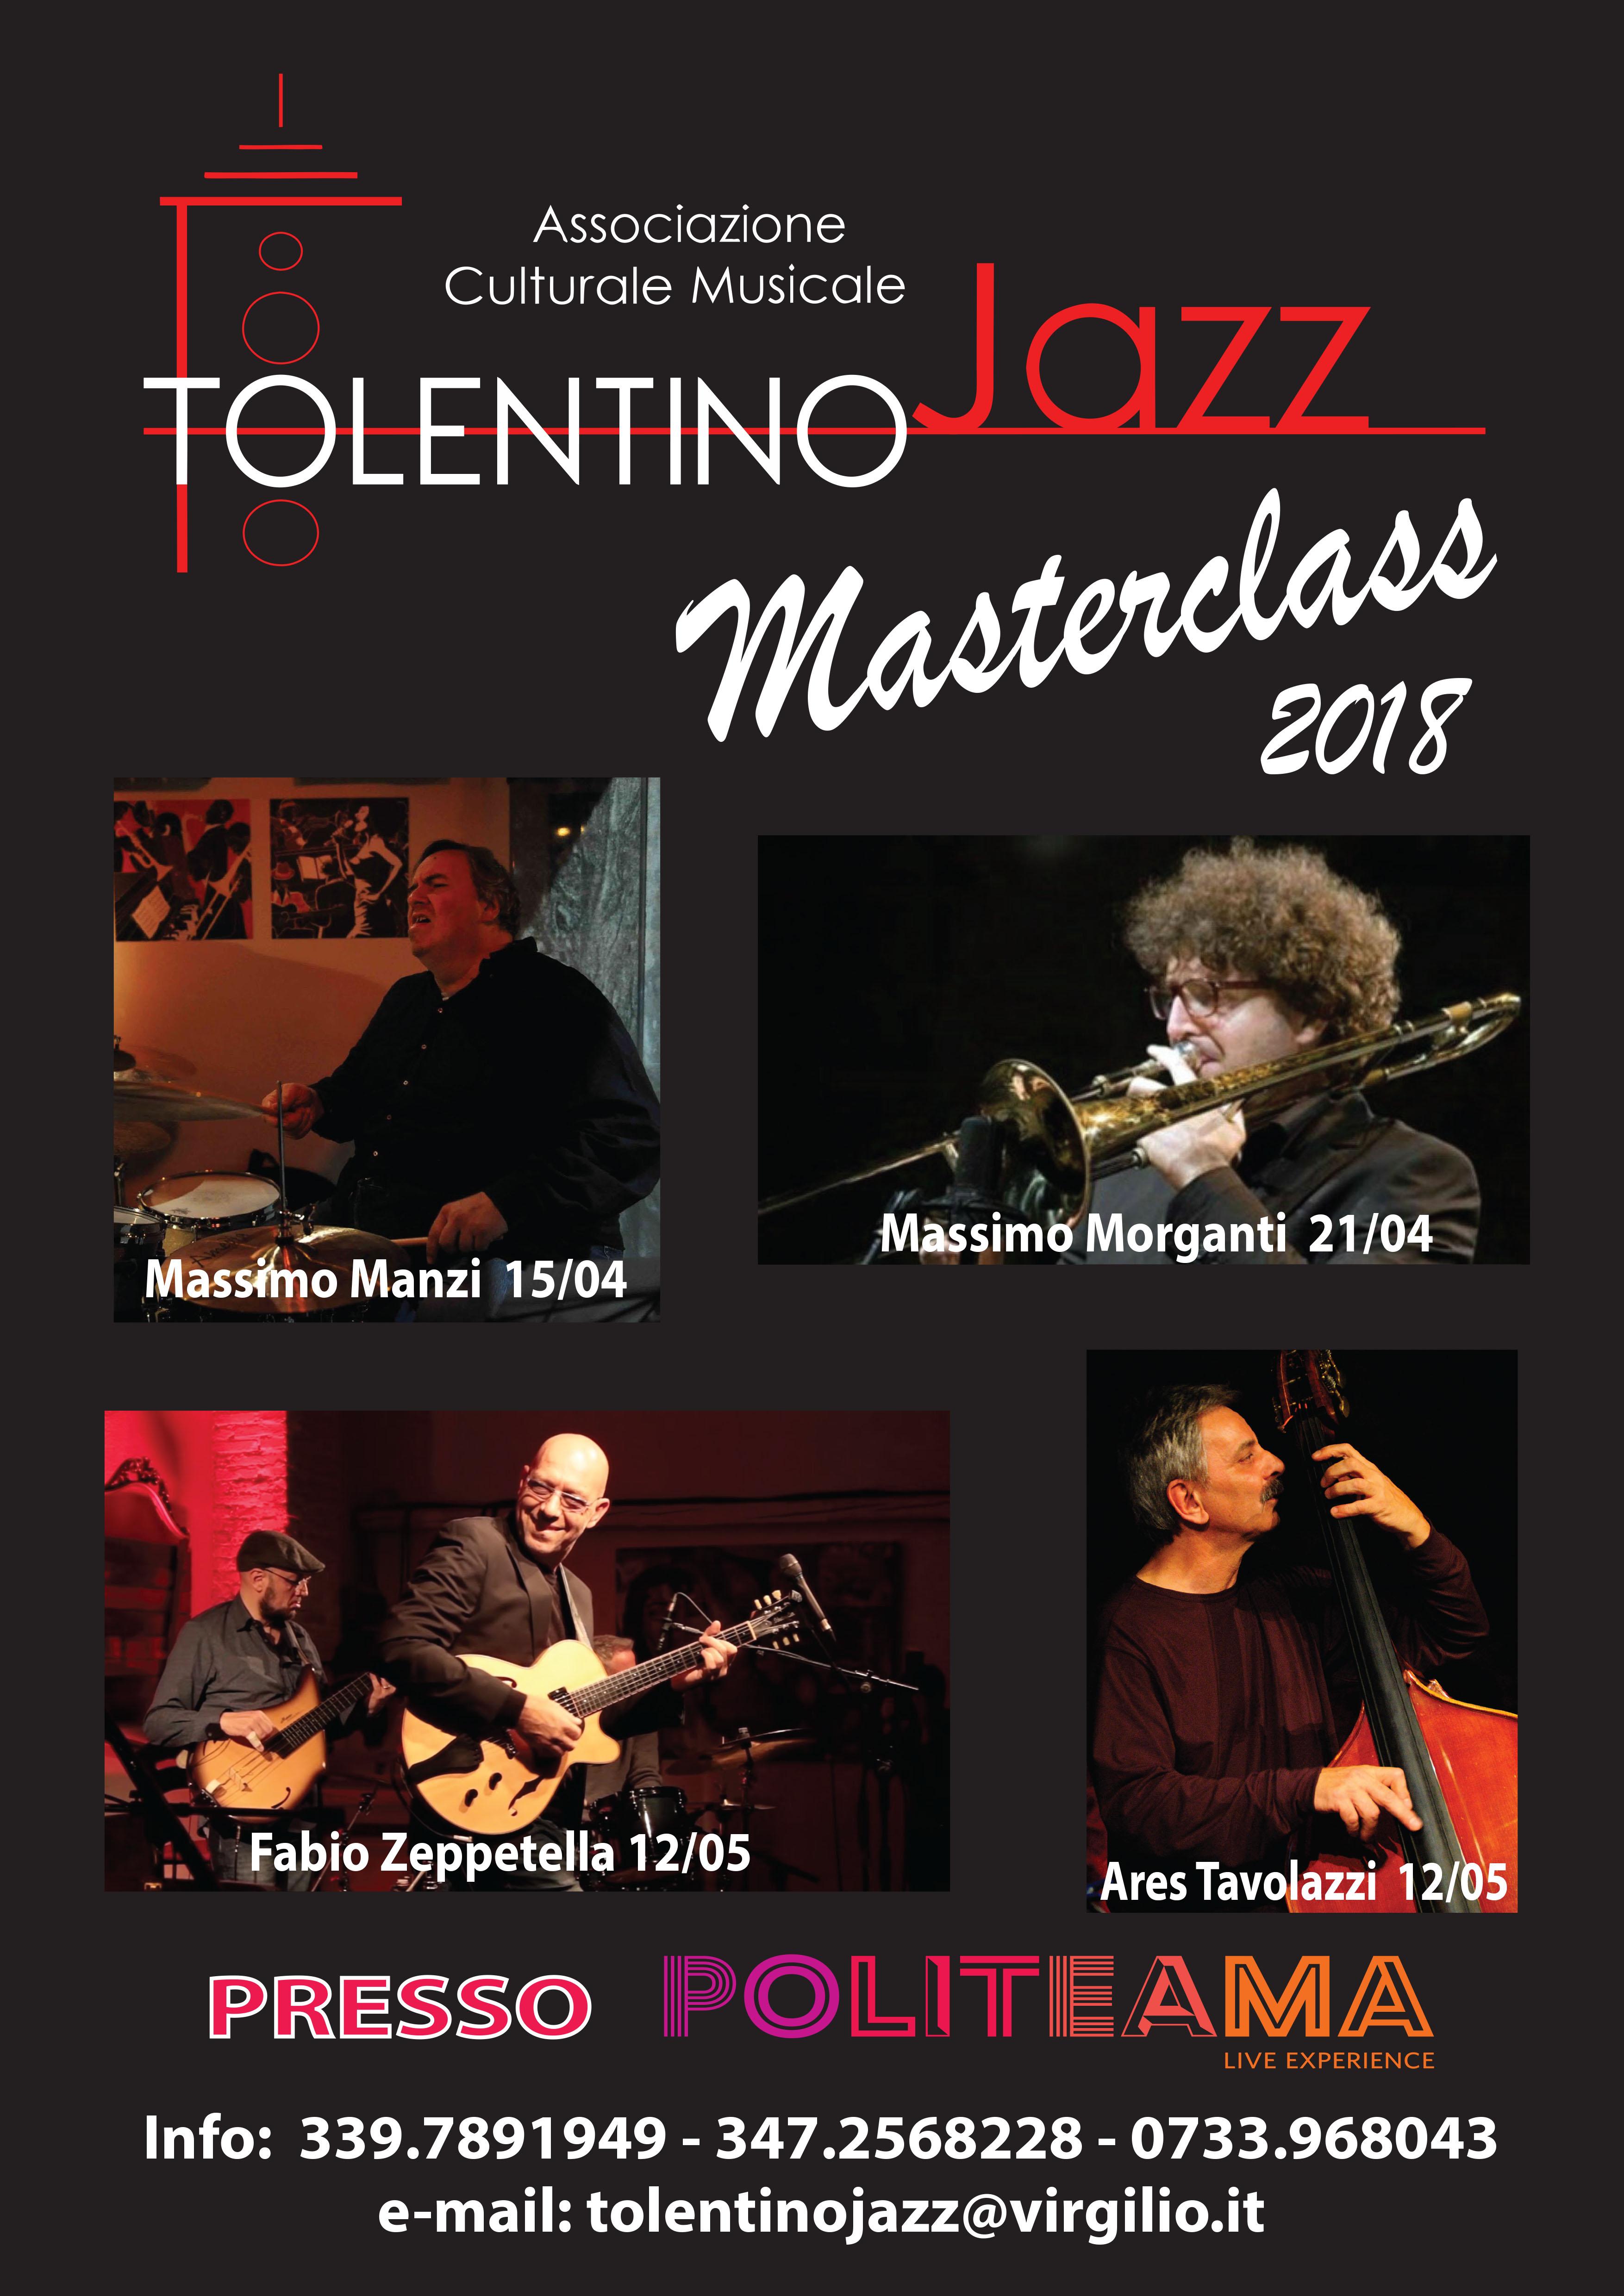 Locandina - Masterclass di contrabbasso e basso elettrico con Ares Tavolazzi – TolentinoJAZZ